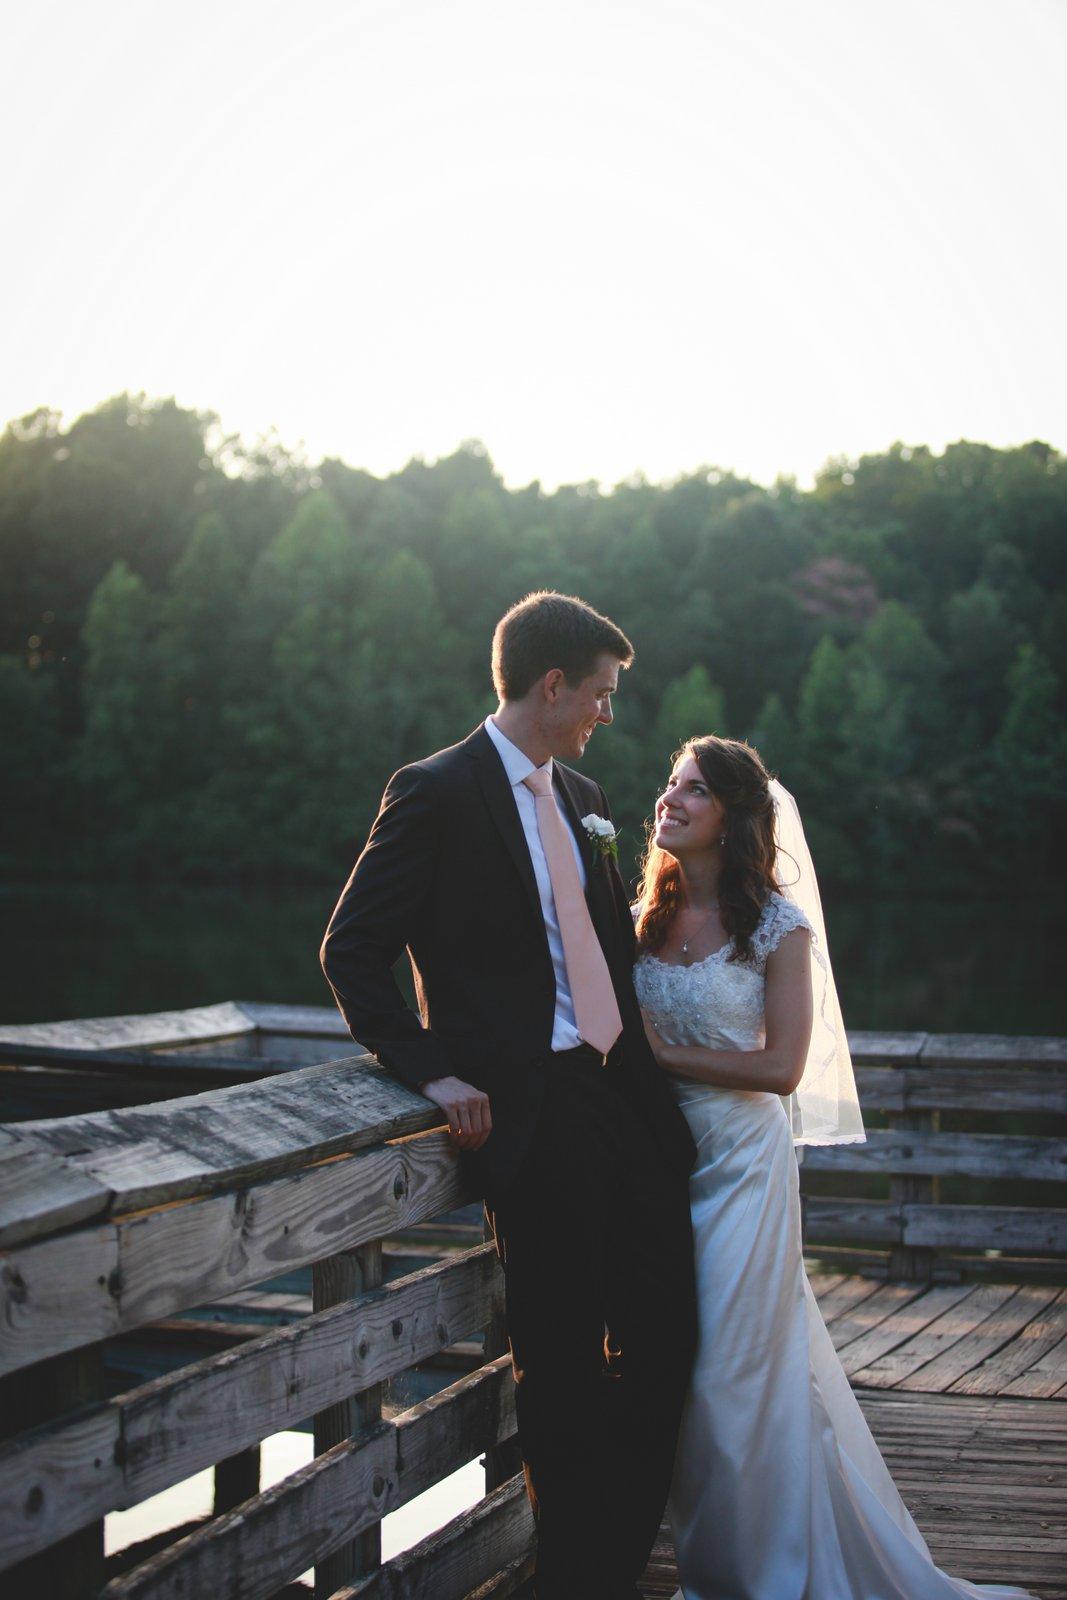 AaronHanna-weddingparty-1-138.jpg